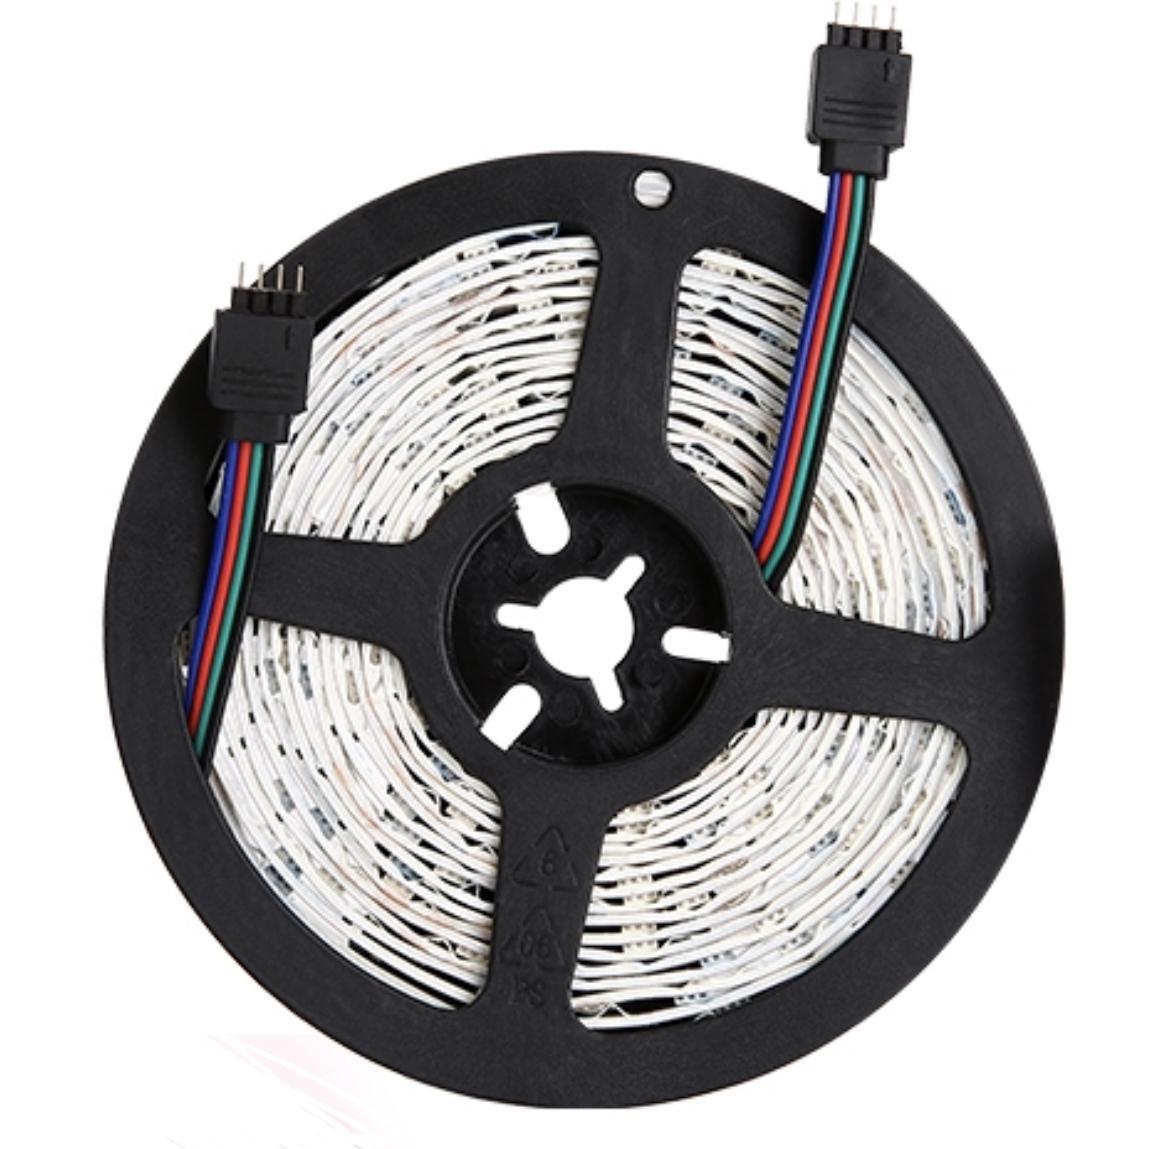 Aydınlatma Aydınlatma LED Şerit Işıkları RGB 16.4FT / 5 M SMD 5050 DC12V Esnek Les Şeritler Işıklar 50LED / Metre 16 Sonfferent Static Renkler